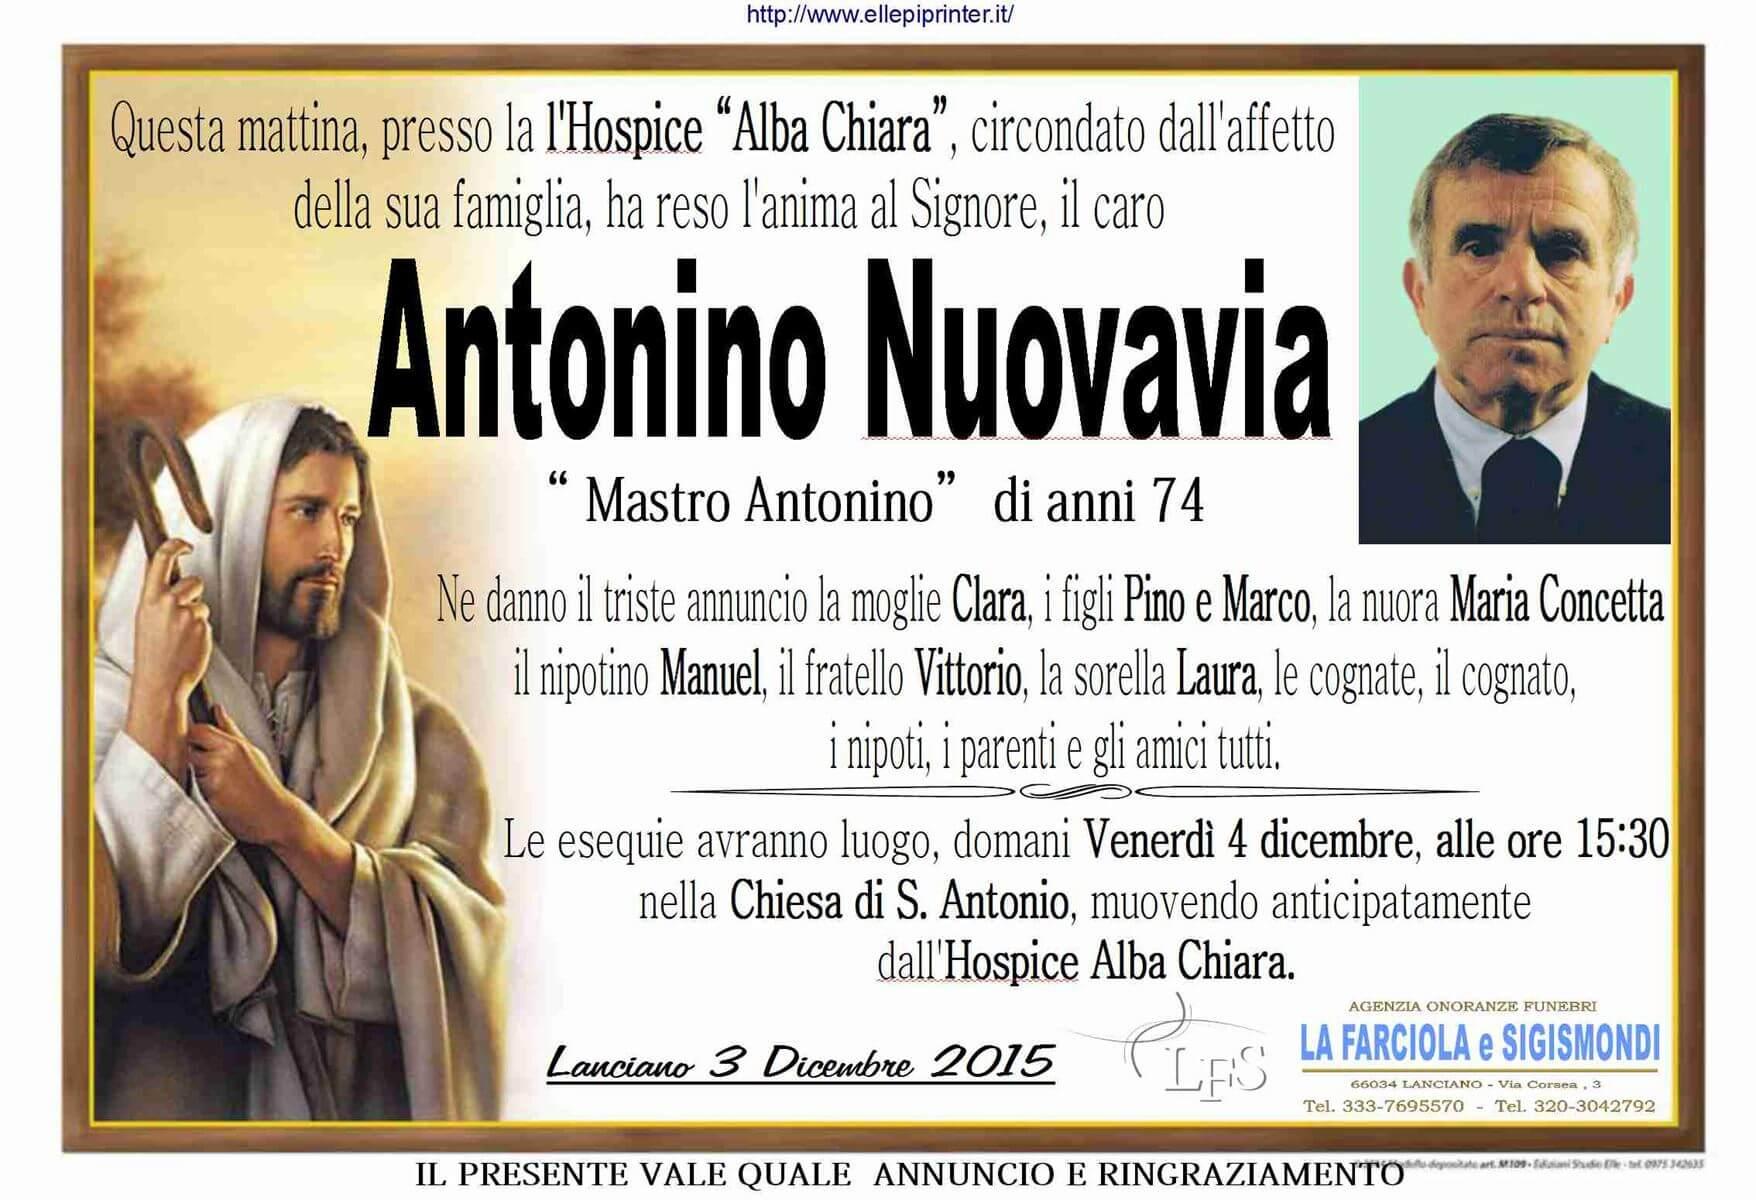 MANIFESTO NUOVAVIA ANTONINO